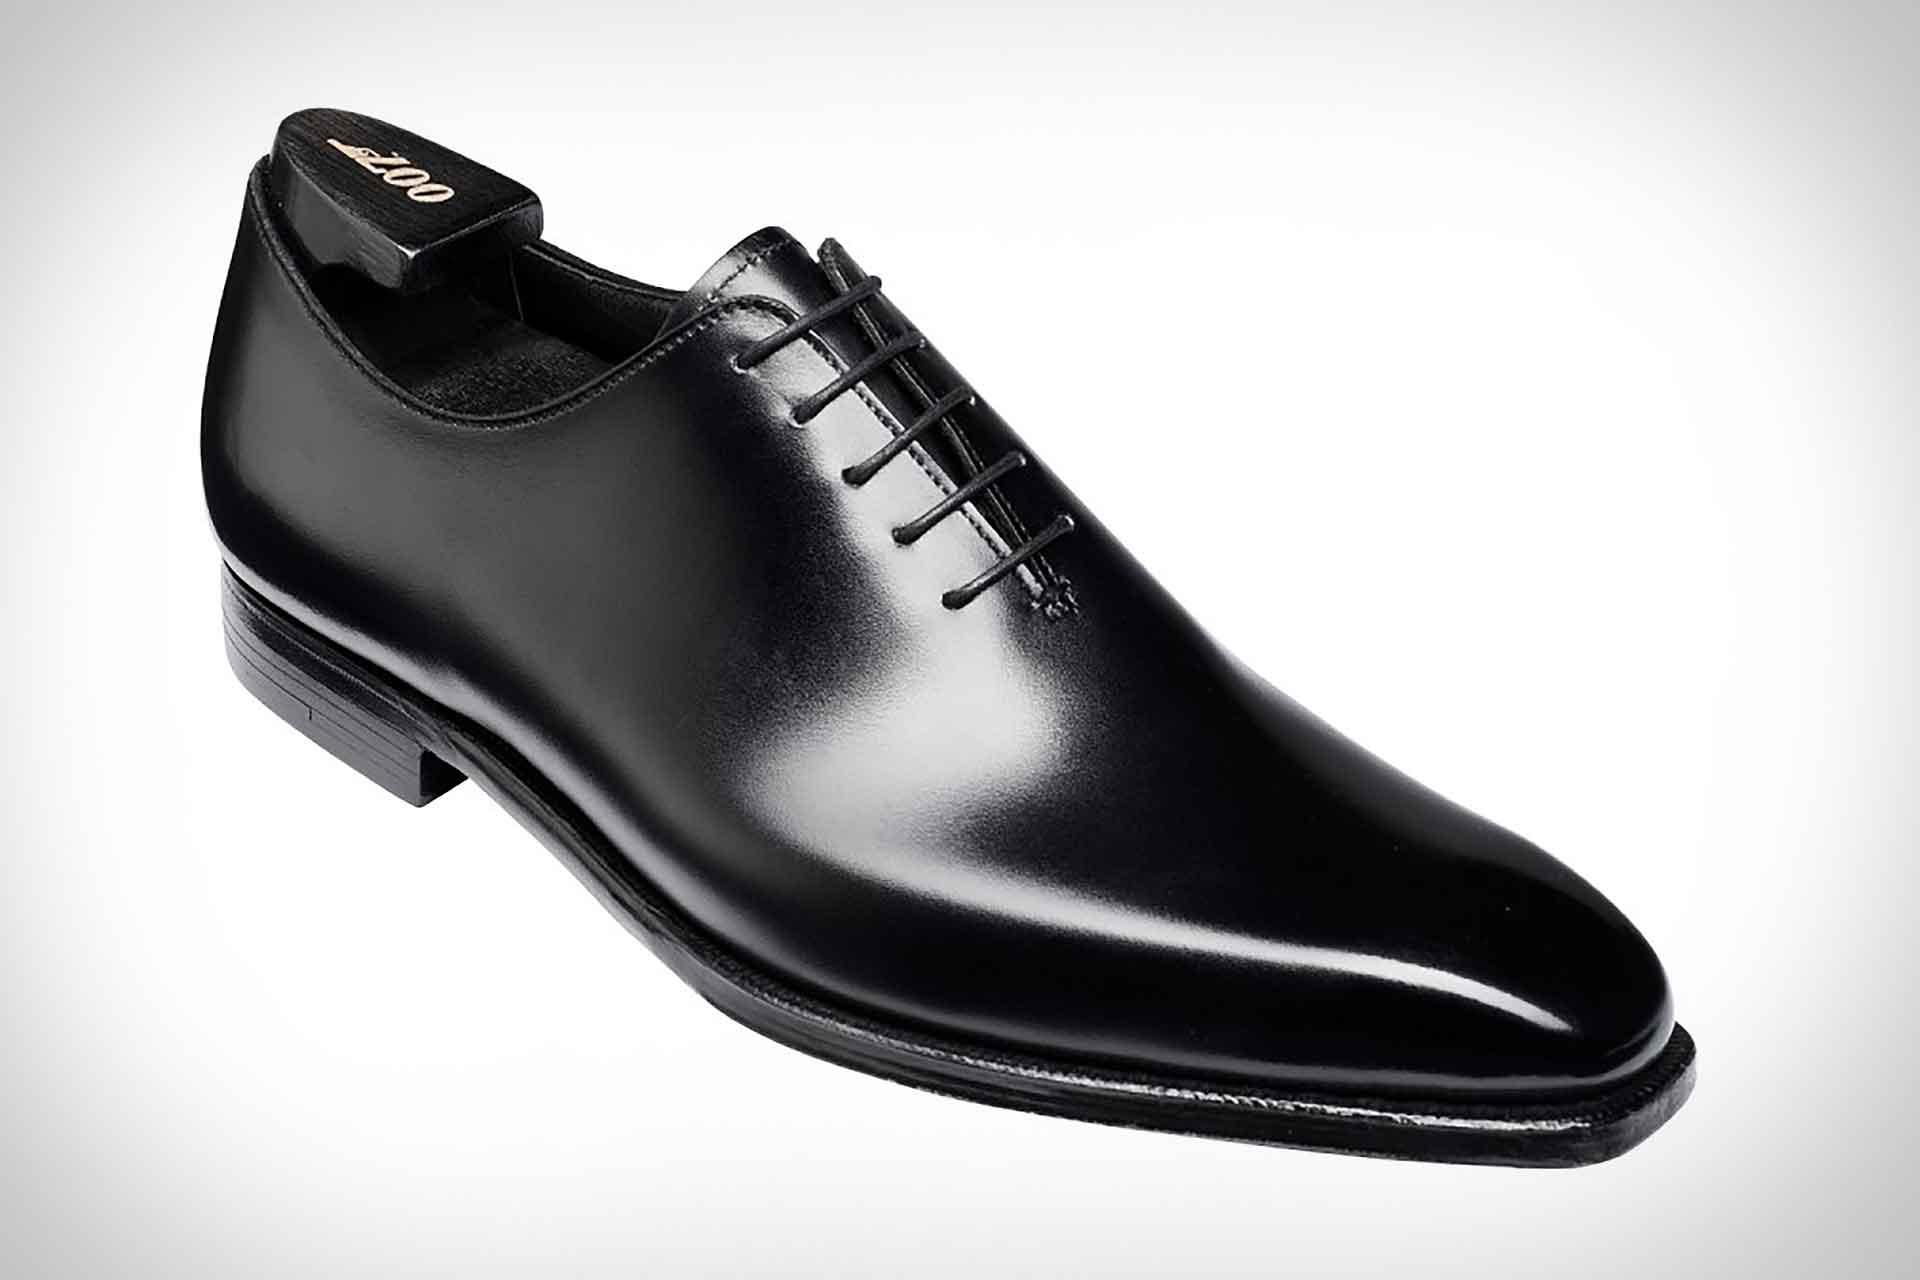 james bond schoenen, 007, crocket and jones